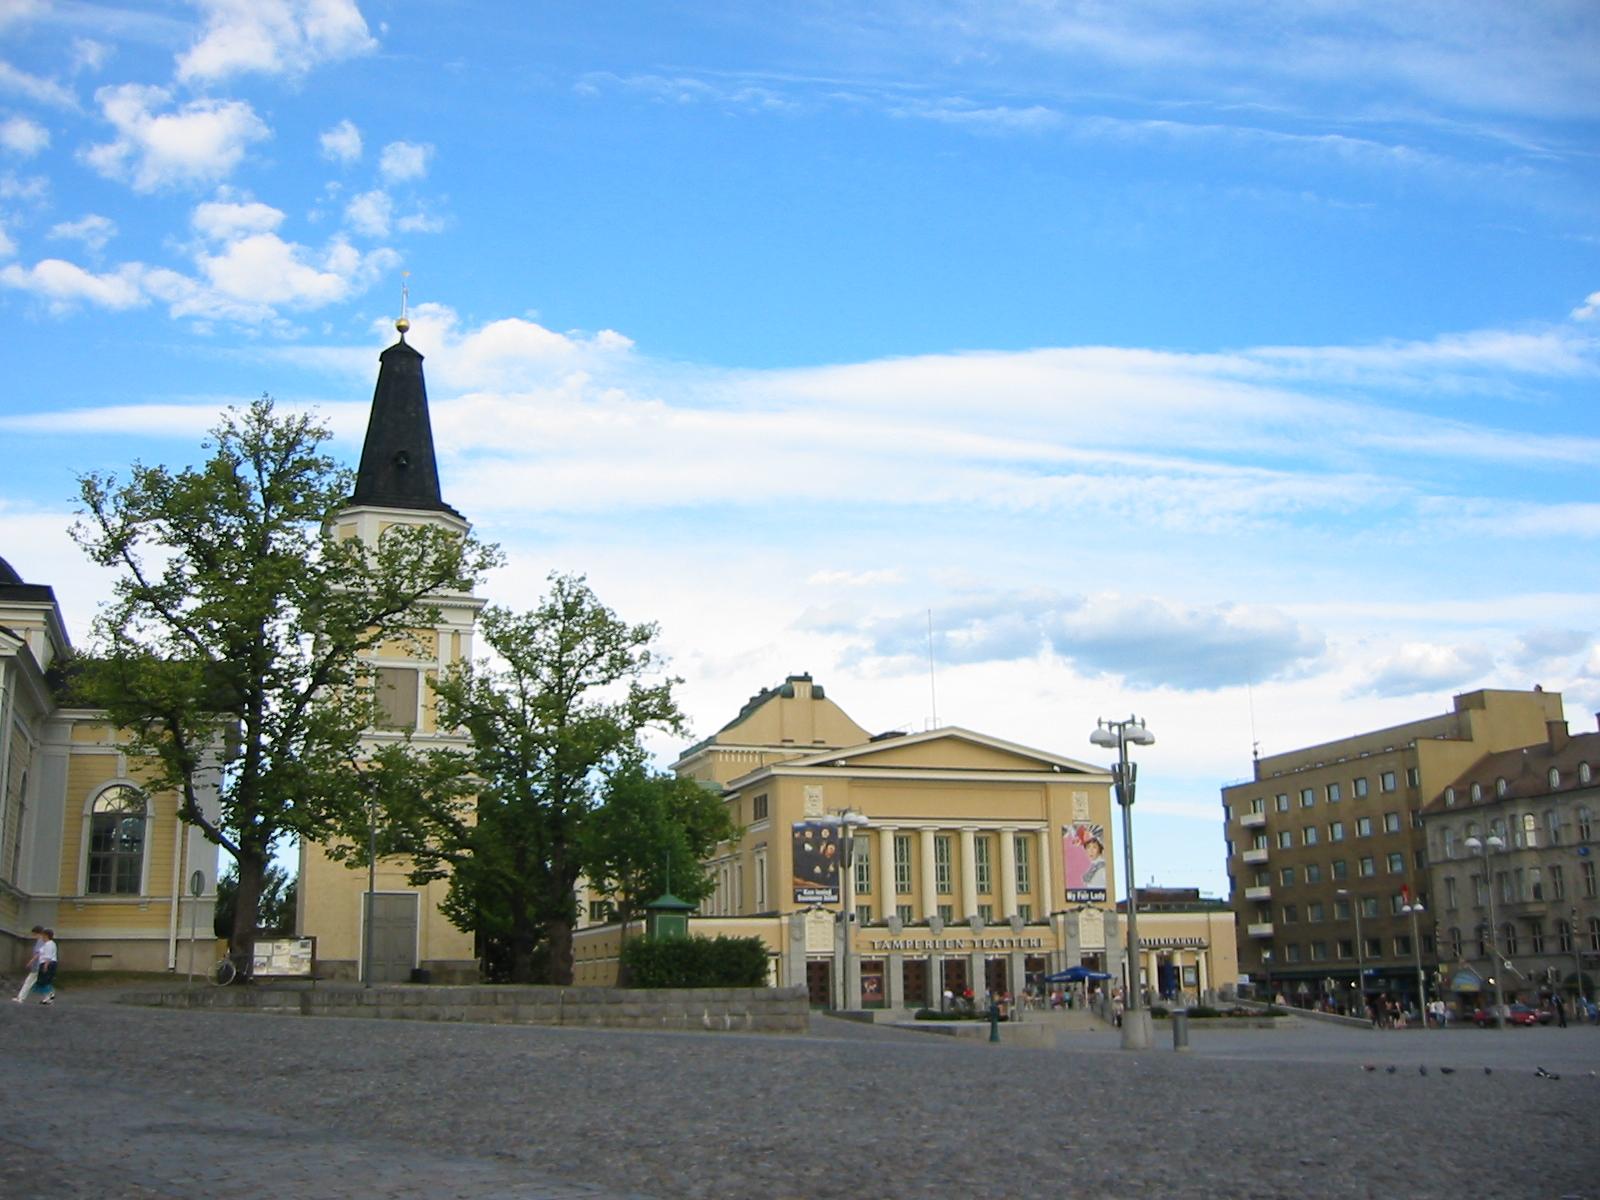 Tampere_keskustori